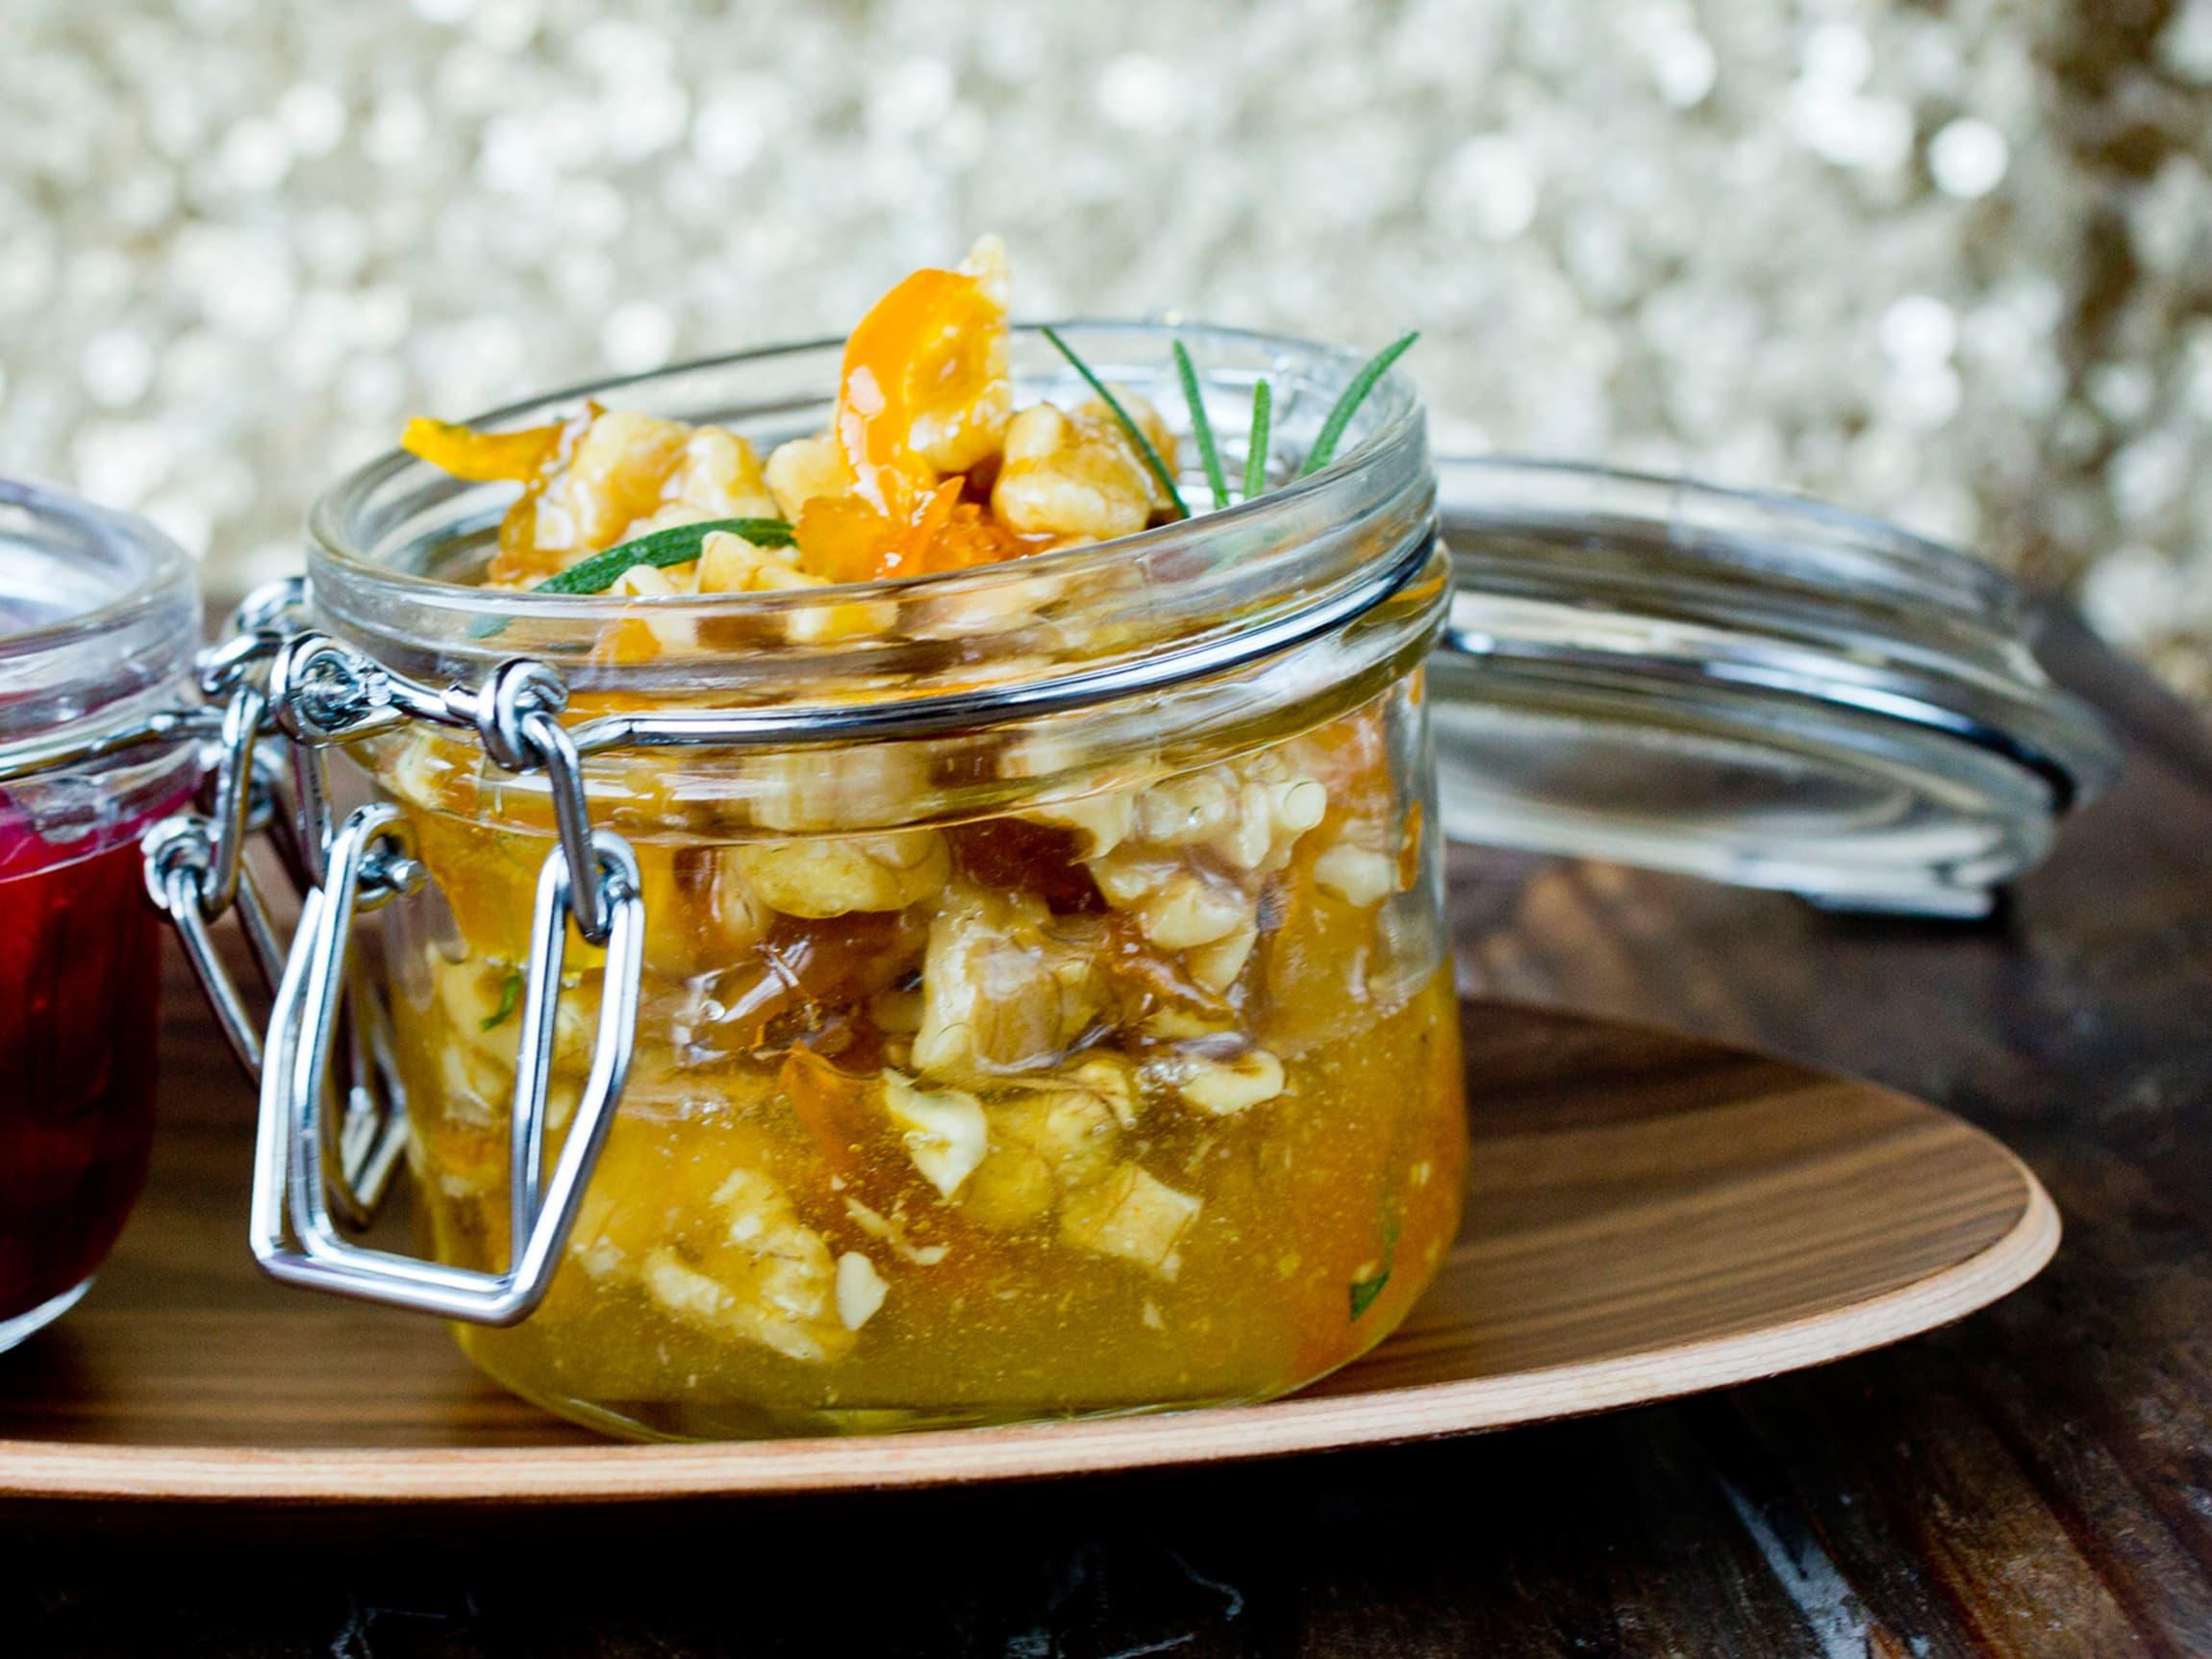 Honningstekte valnøtter er utrolig god med smaksrike oster.